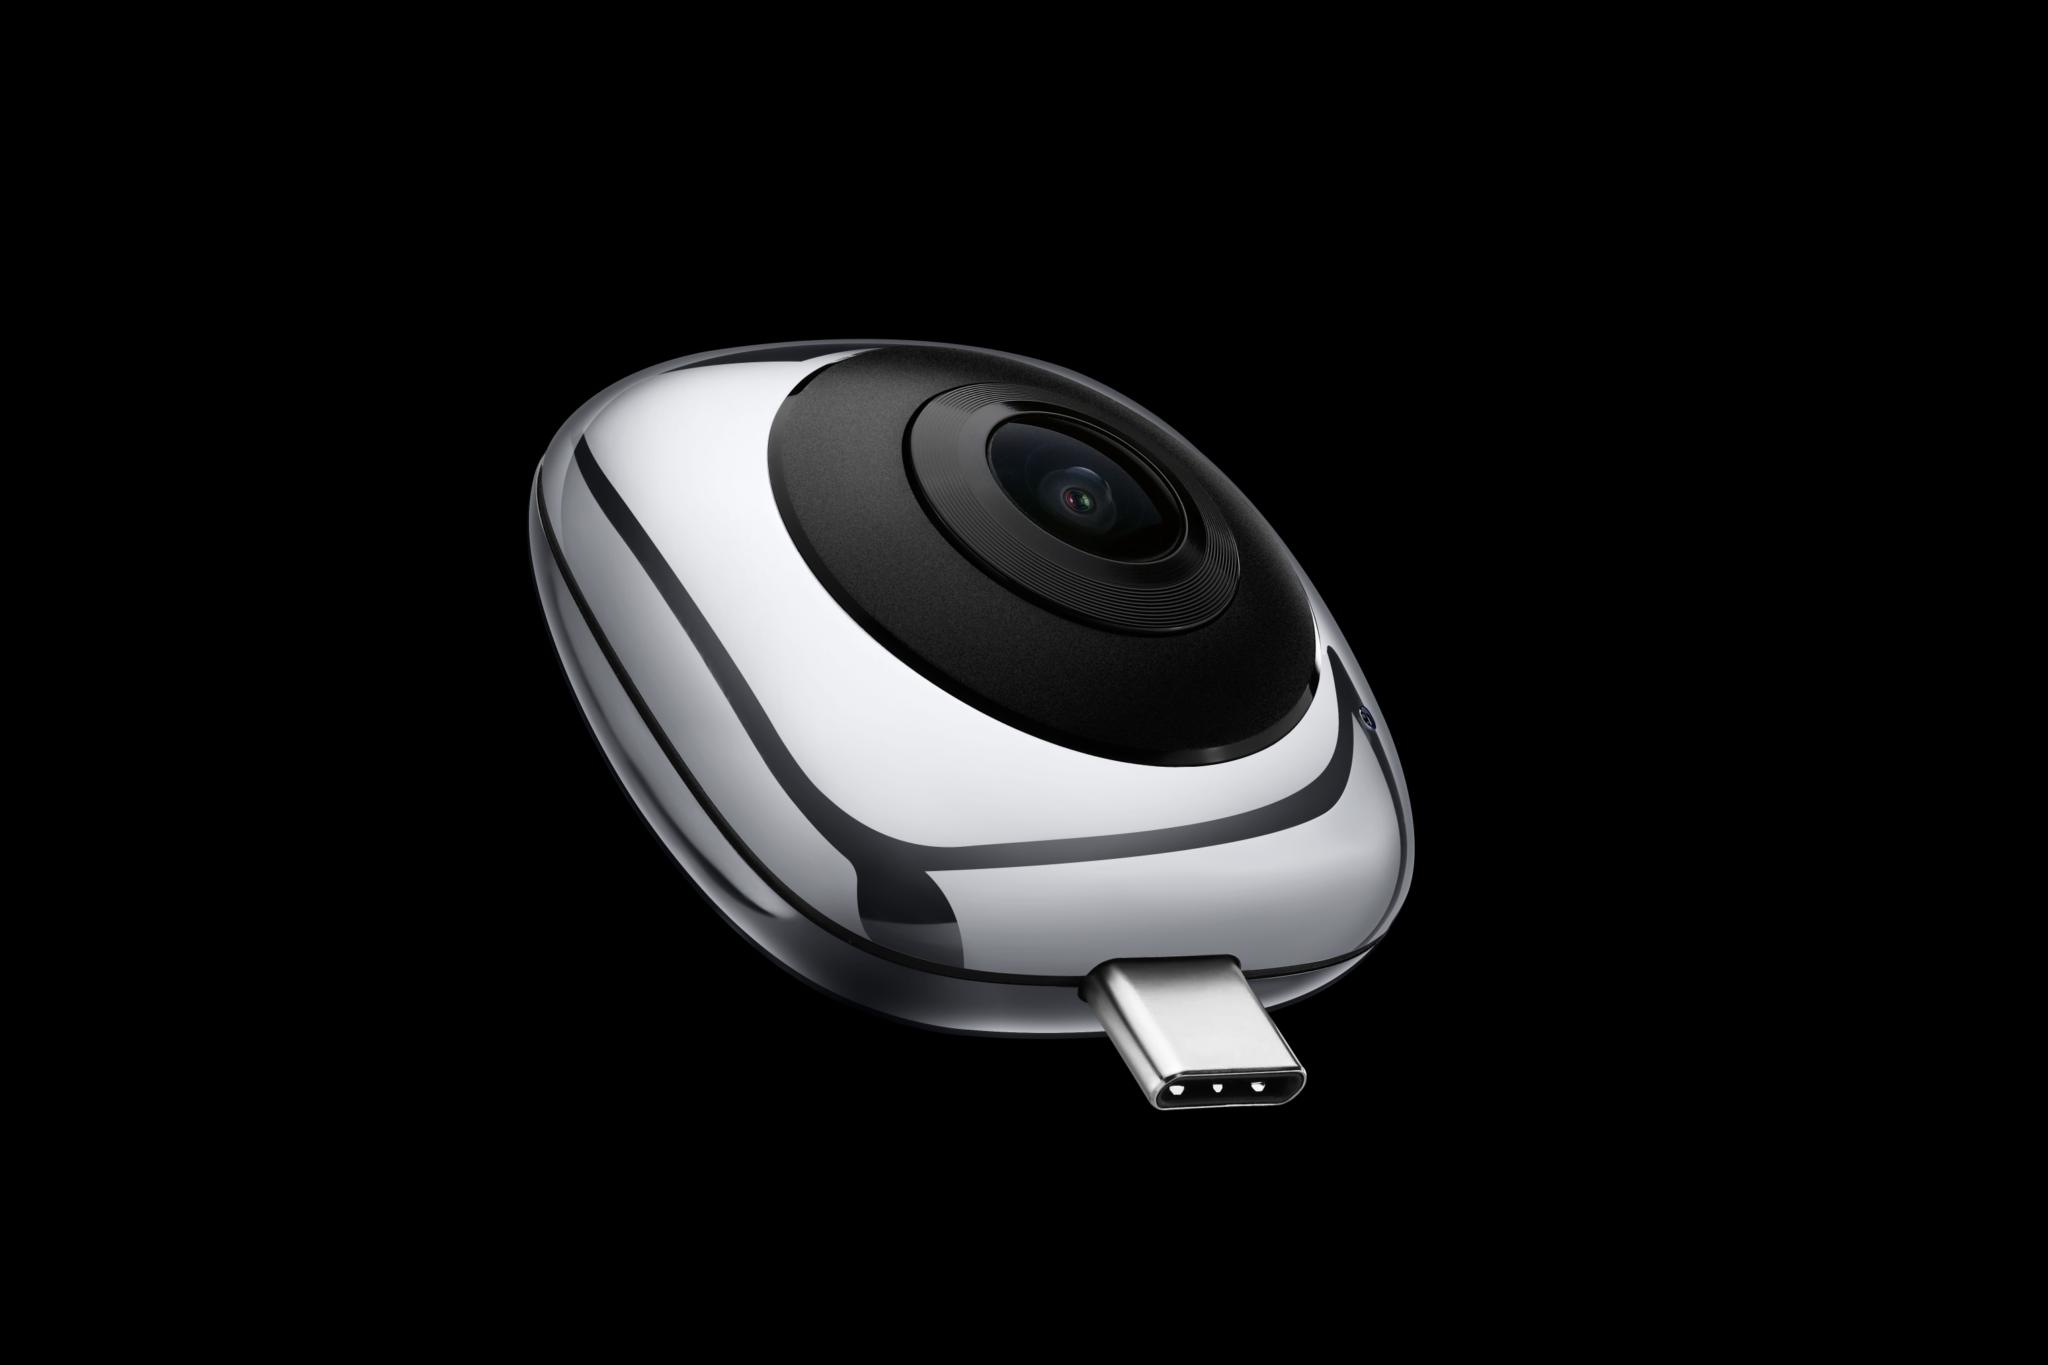 Kompakt körpanorámás kamerát dob piacra a Huawei